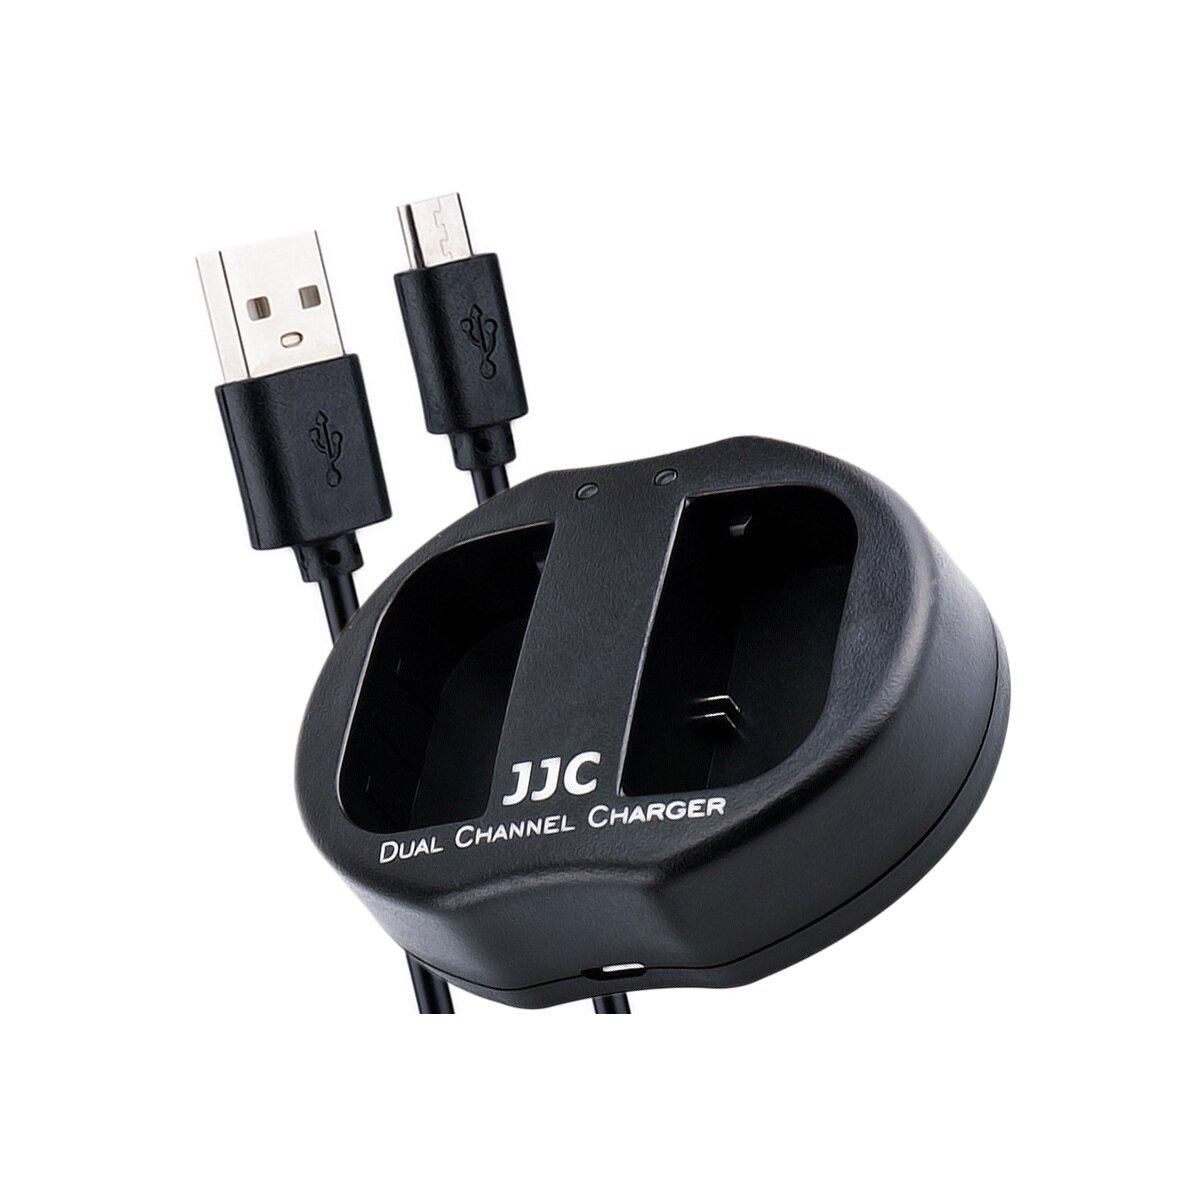 JJC Ladegerät für LP-E6 Akkus mit 2 Steckplätzen und USB-Anschlusskabel für unterwegs und für zu Hause